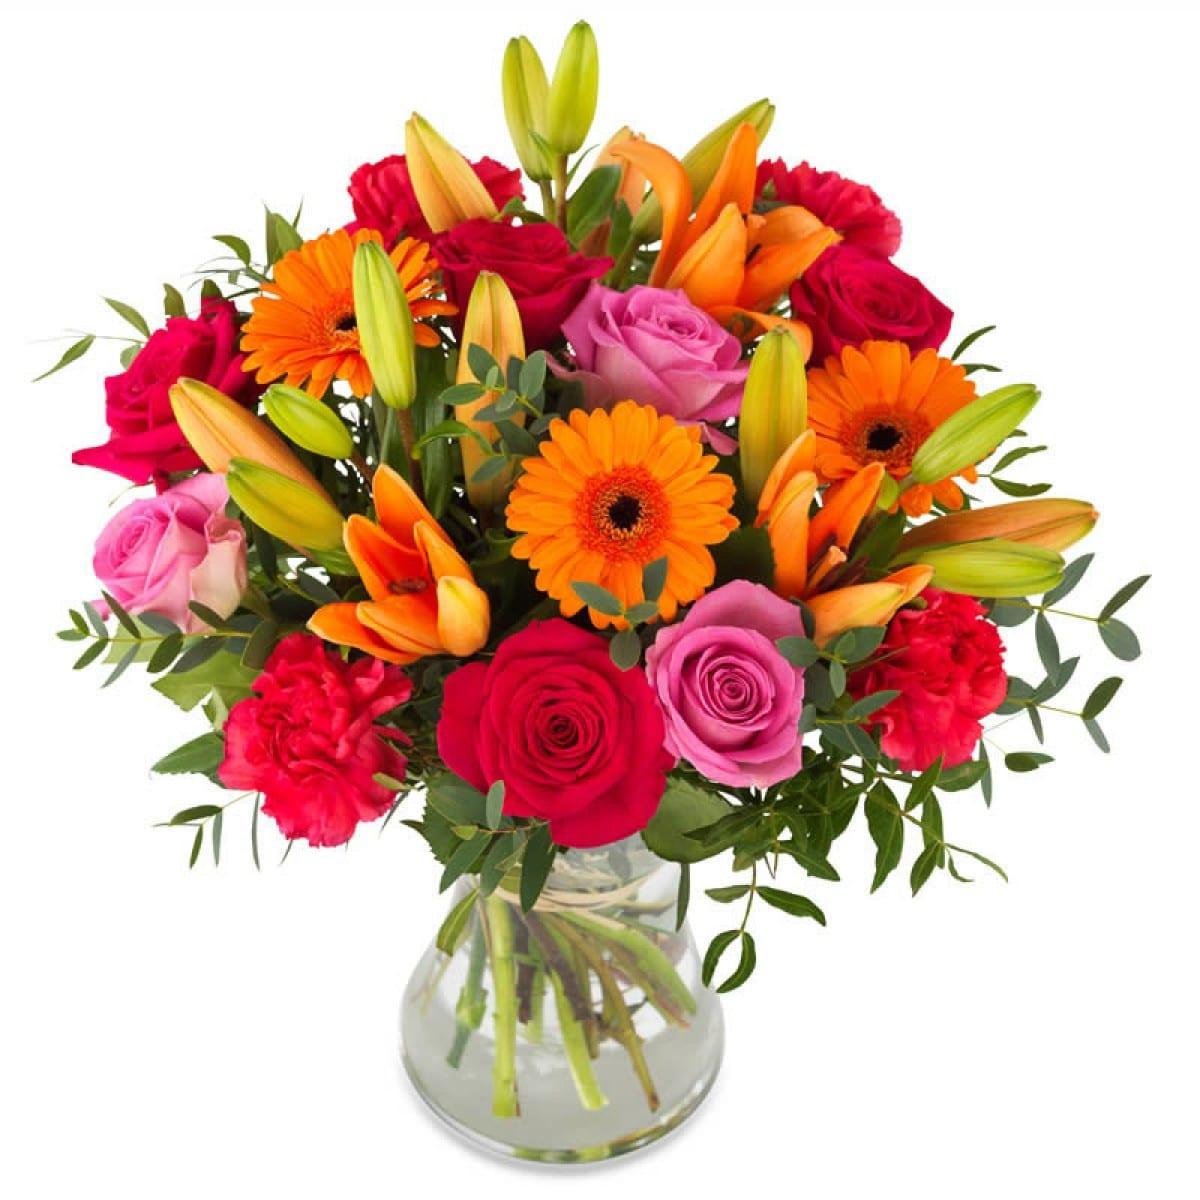 گل هایی که برایتان شانس می آورند.